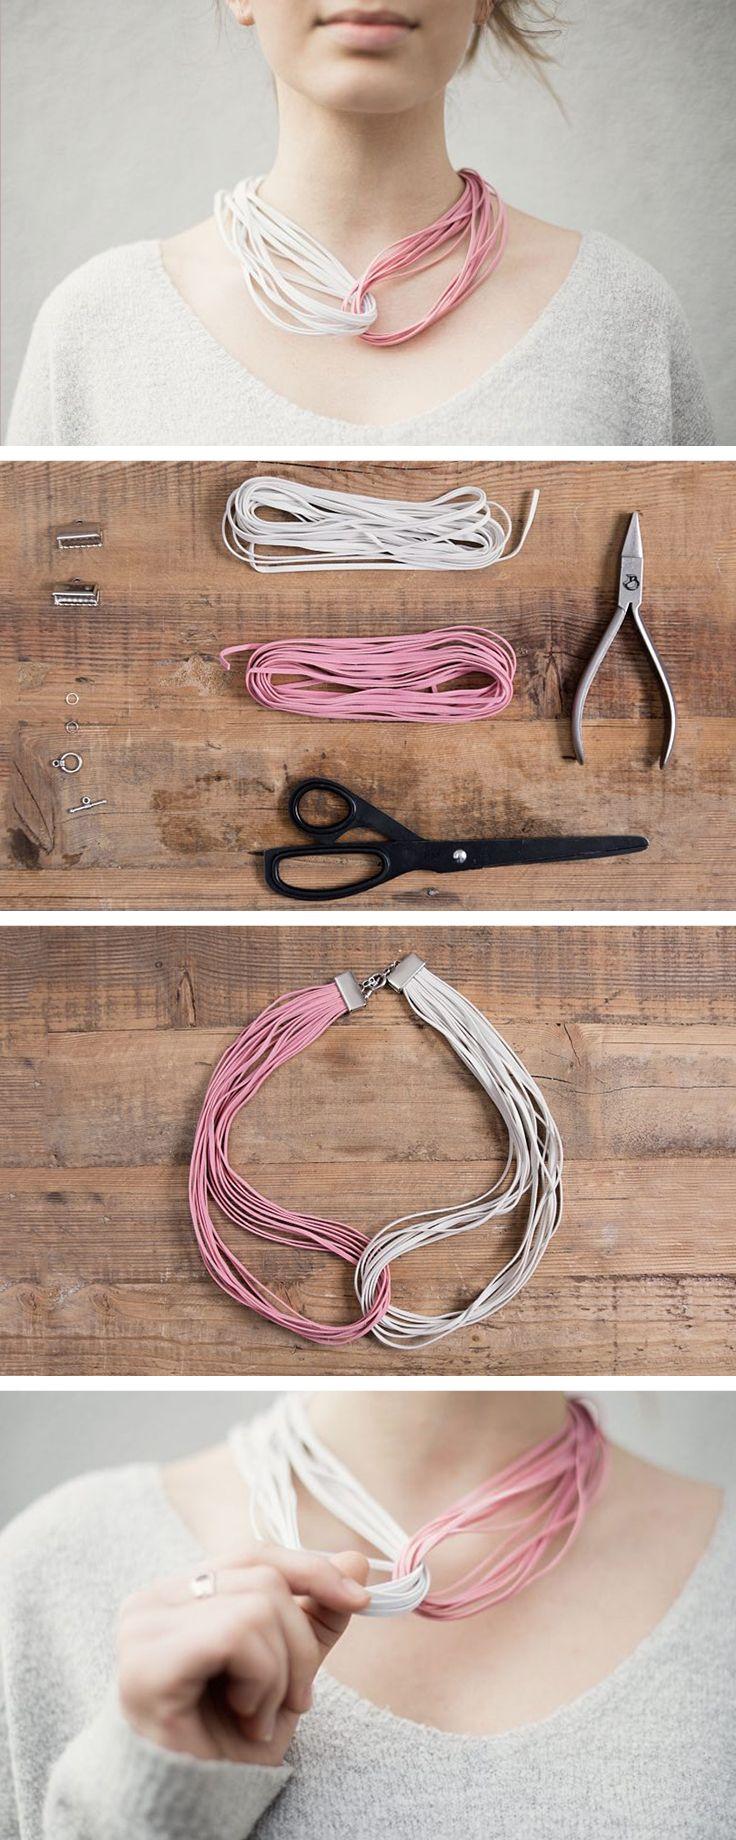 Semplicissima e ideale da indossare tutti i giorni: collana multifilo in cordini di pelle bicolore - http://it.dawanda.com/tutorial-fai-da-te/creare-gioielli/come-fare-collana-multifilo-cordini-pelle-bicolore